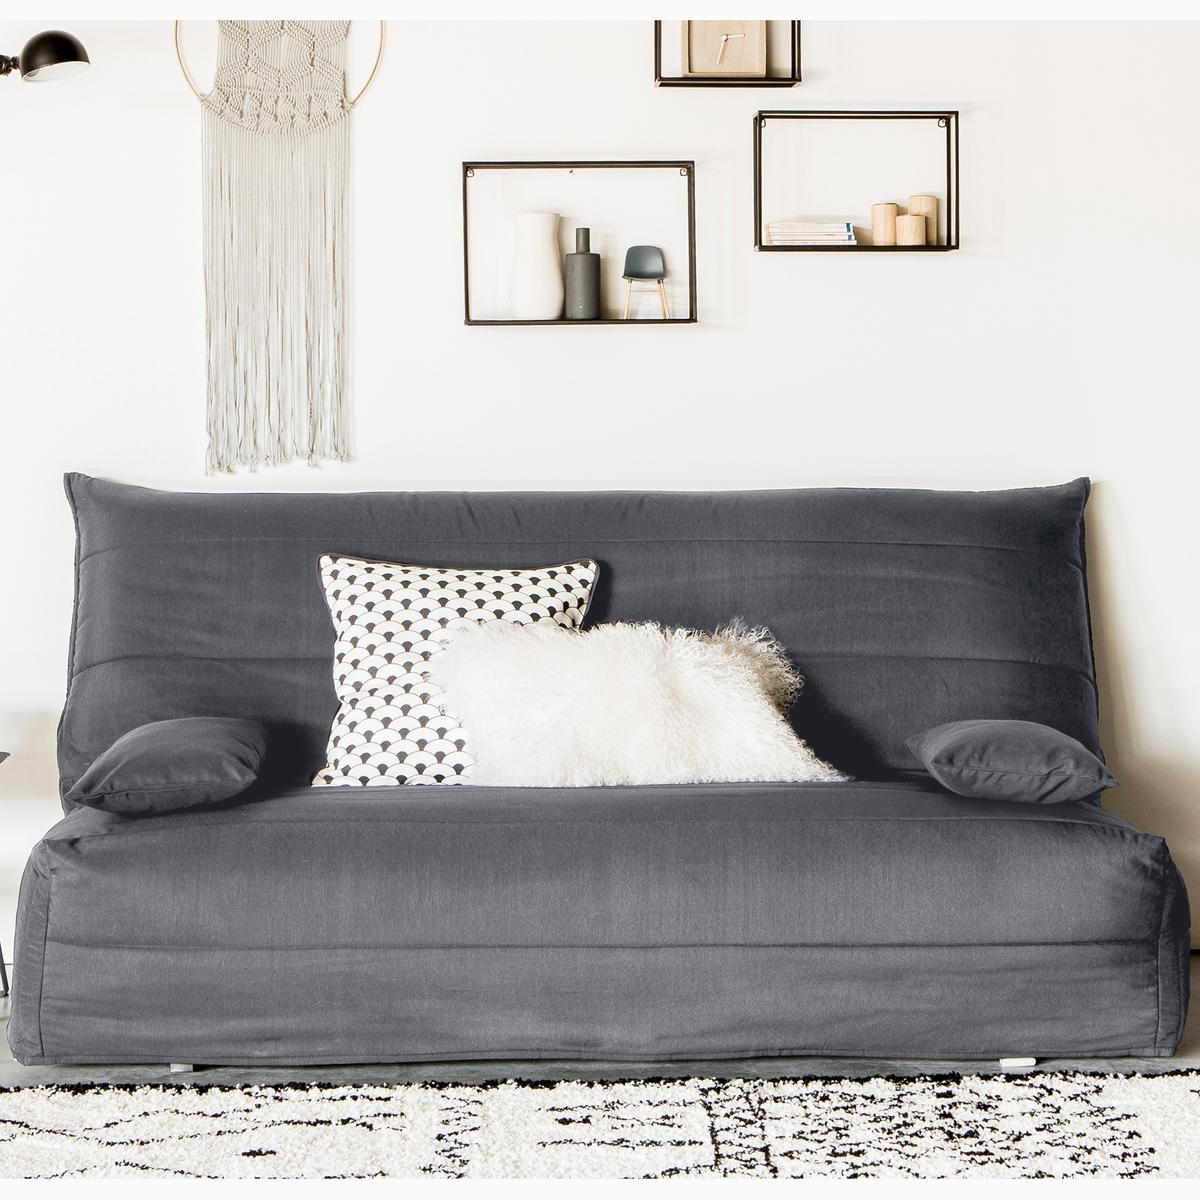 Чехол La Redoute Стеганый из поликоттона для дивана-аккордеона 160 см серый